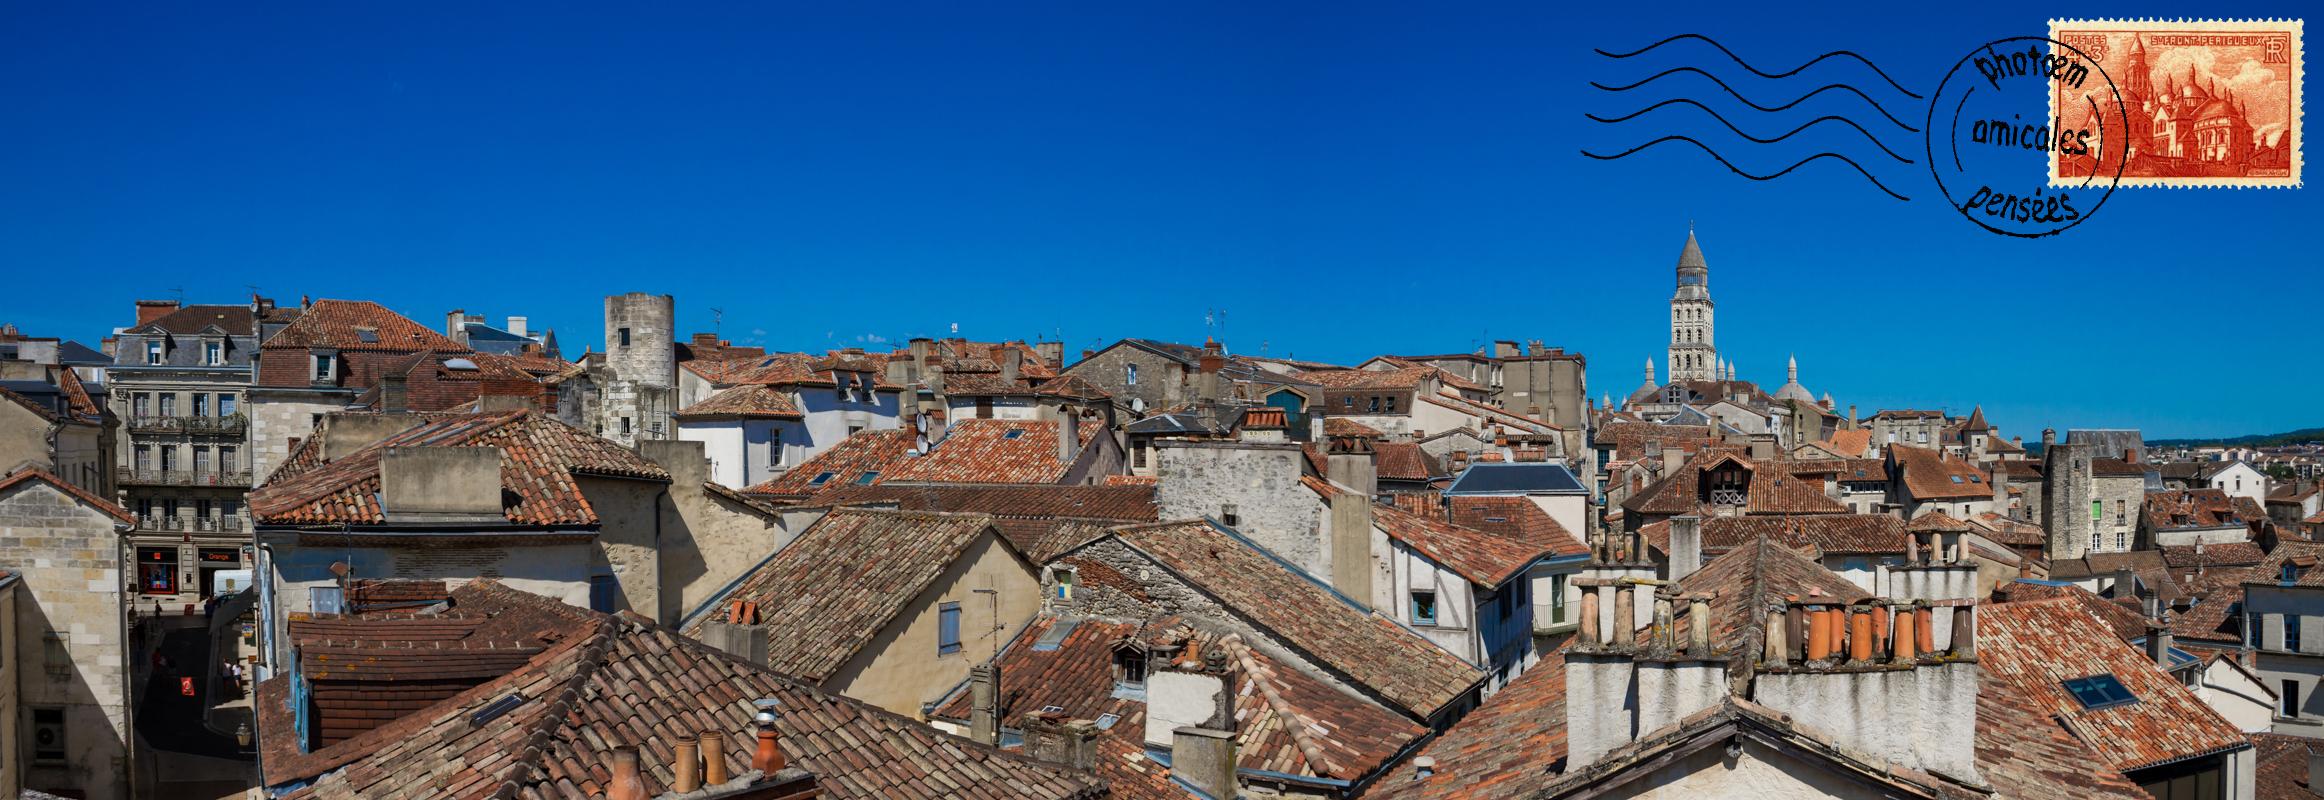 Les toits de Périgueux, 2016.